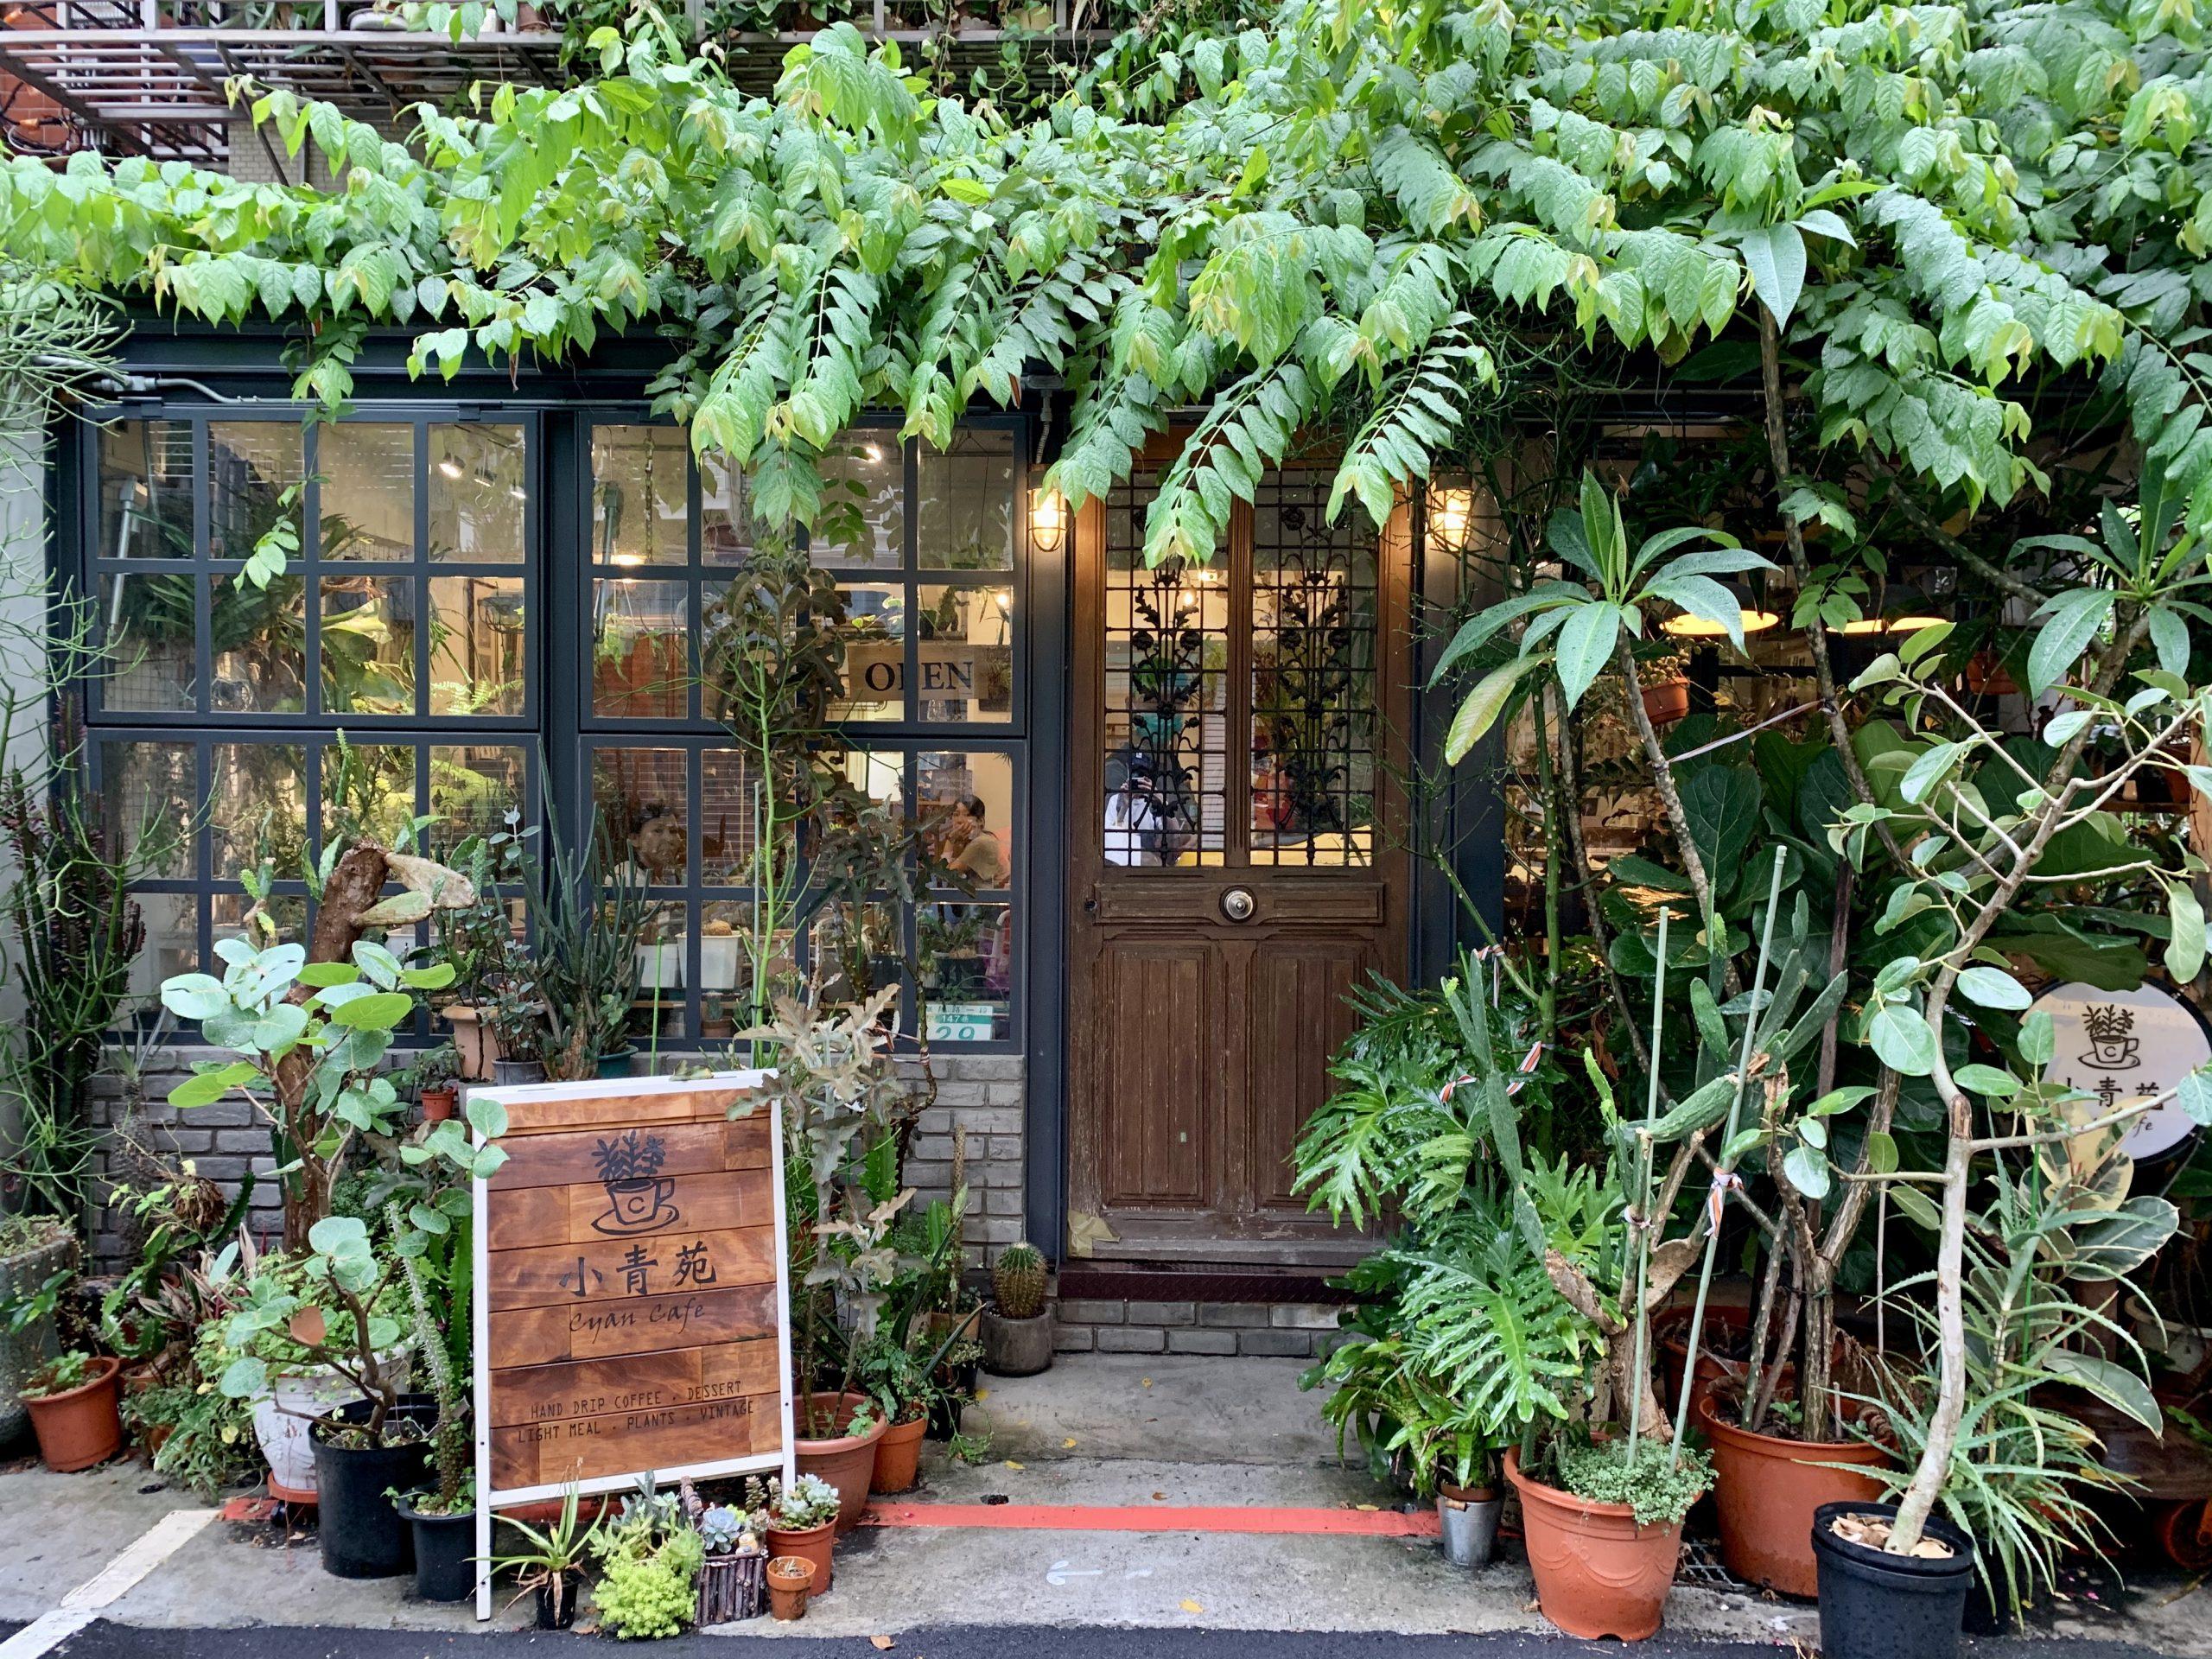 小青苑 Cyan Cafe |充滿清新植栽的咖啡館